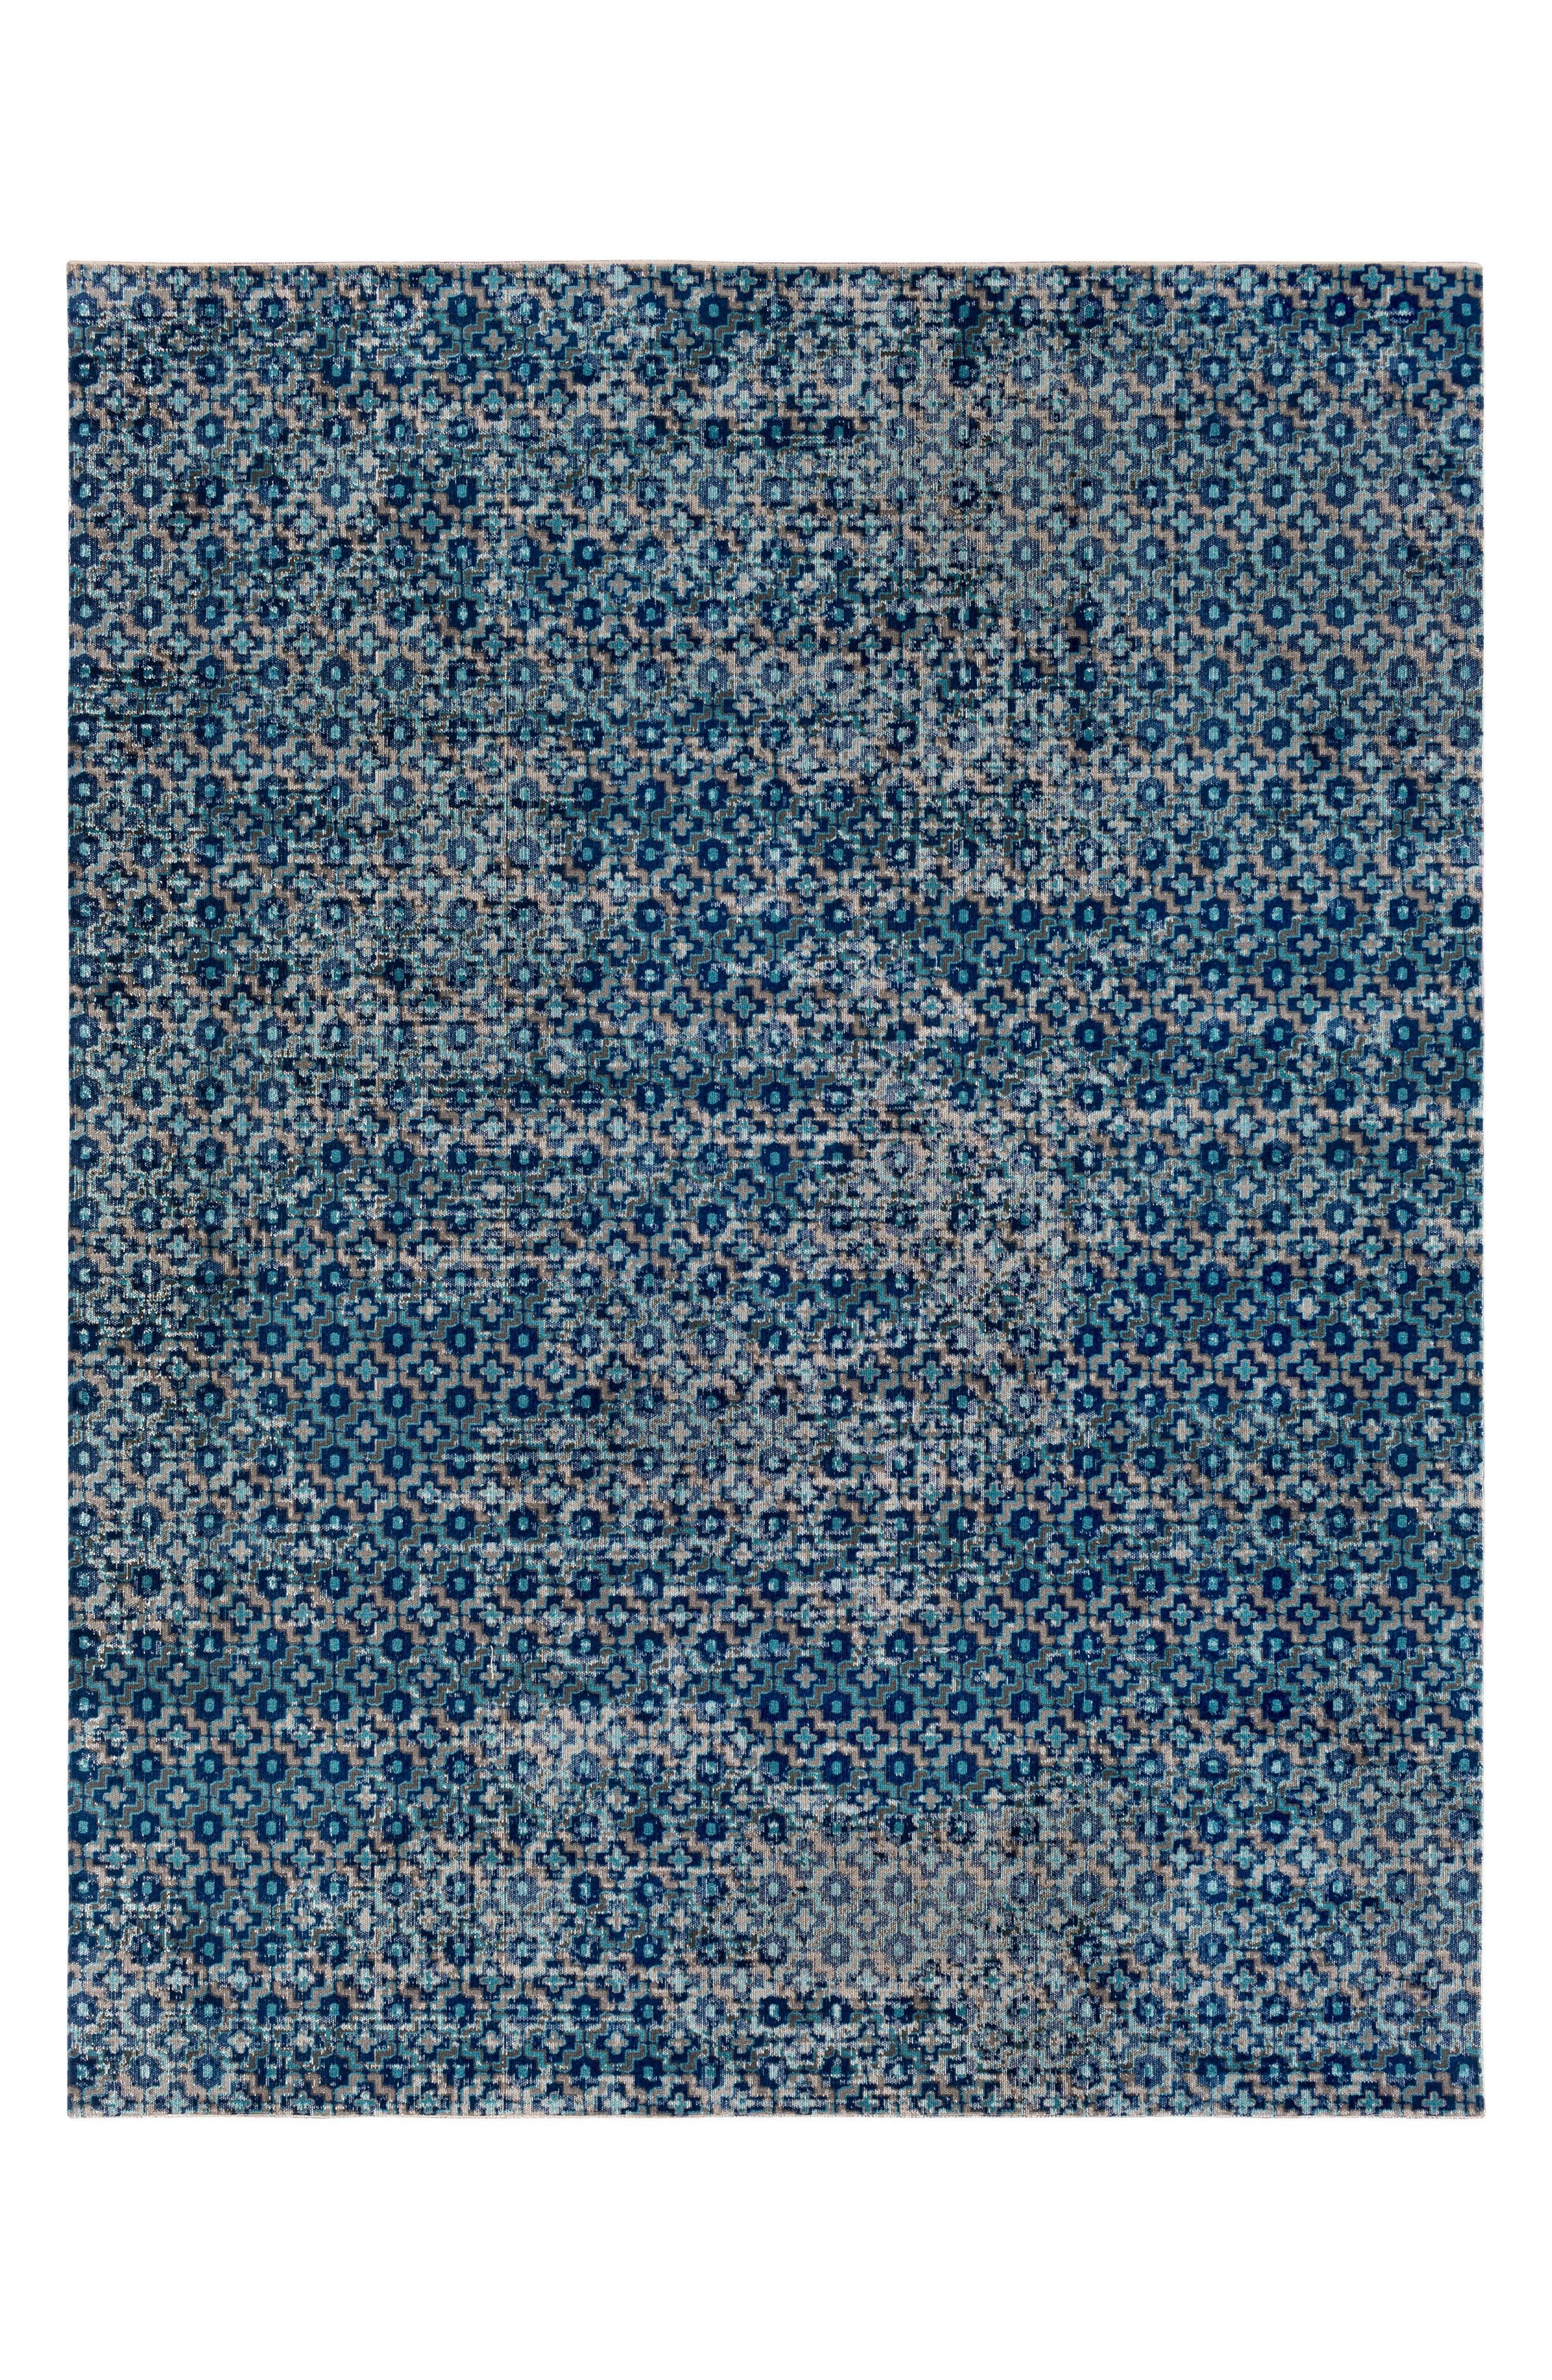 Tessera Antique Rug,                         Main,                         color, Navy